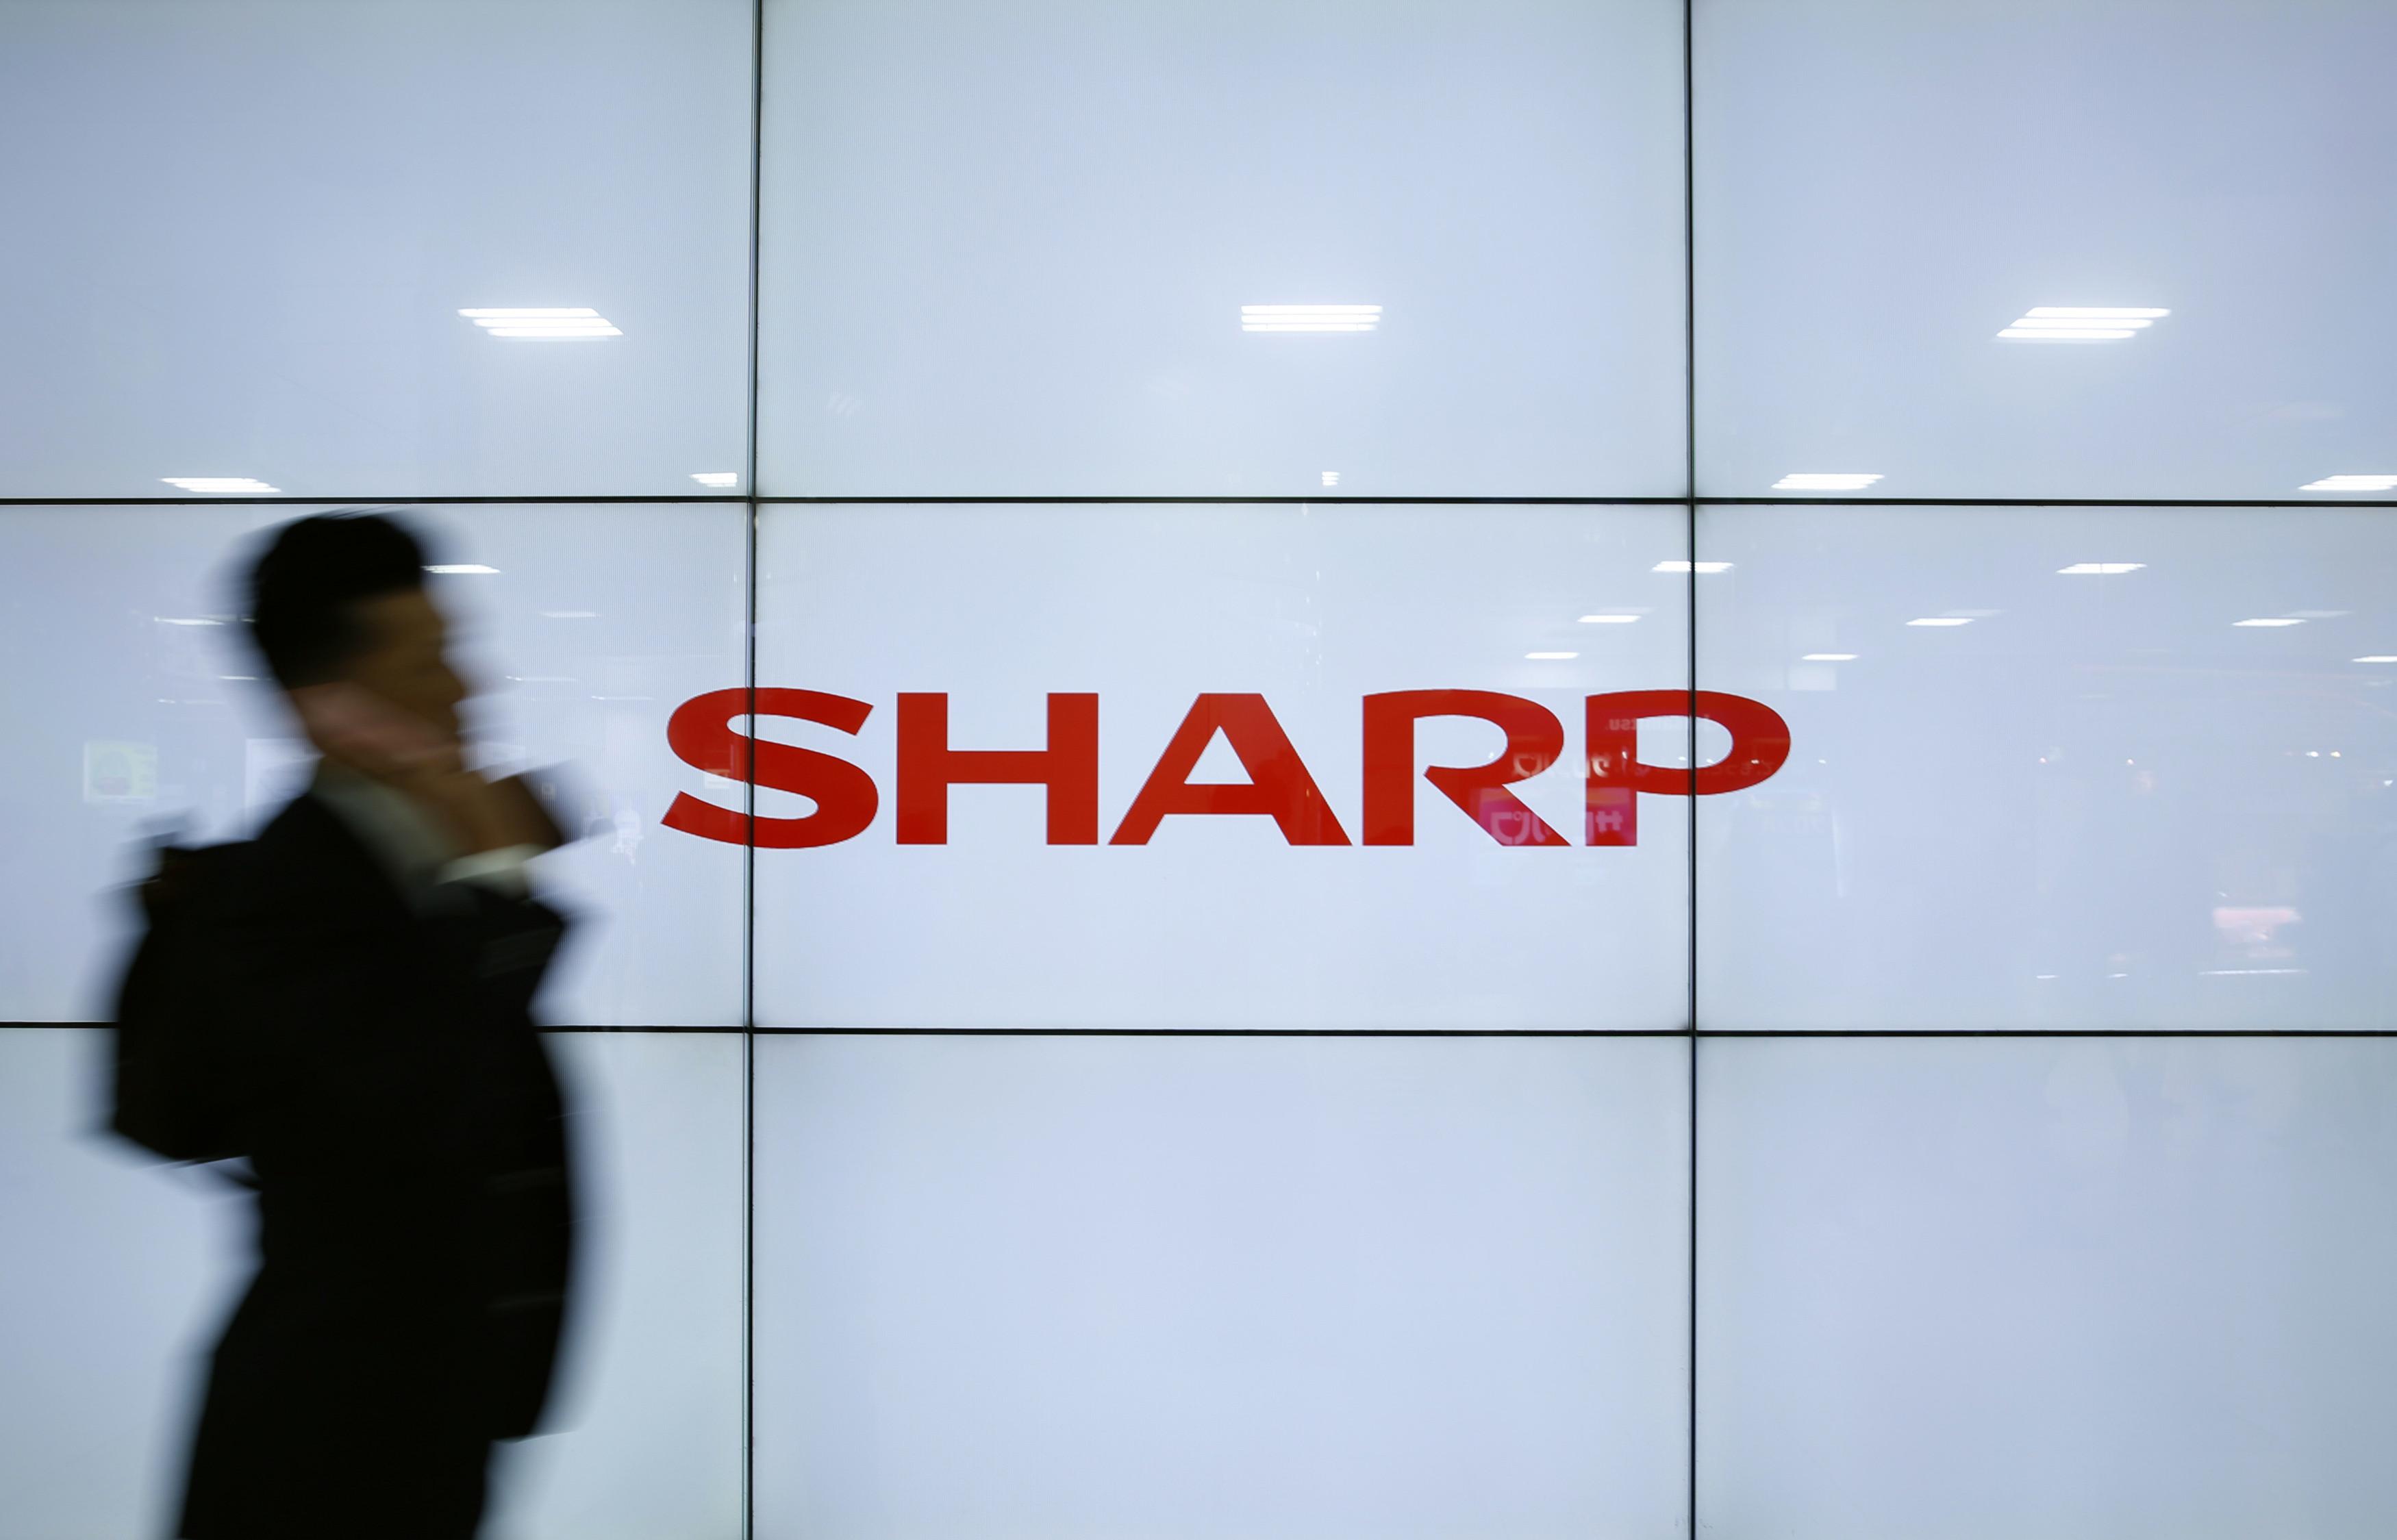 sharp tv